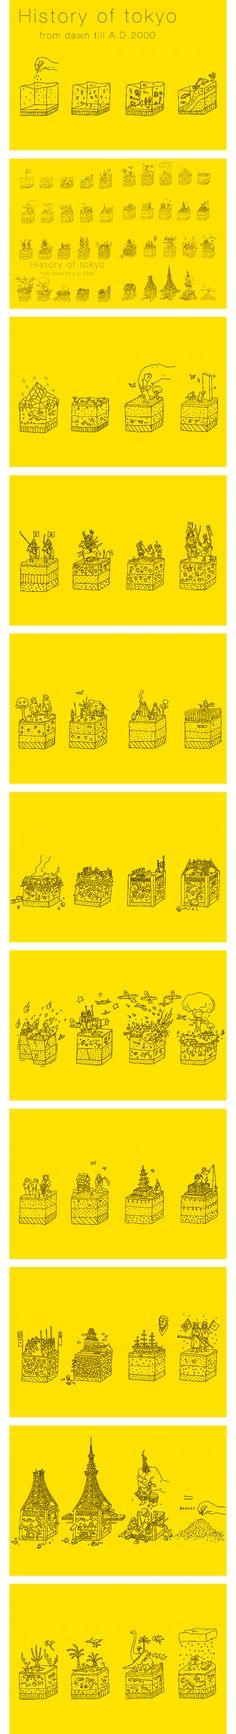 Recommend! Bunpei Yorifuji: il riassunto illustrato della storia di Tokyo #illustration #history